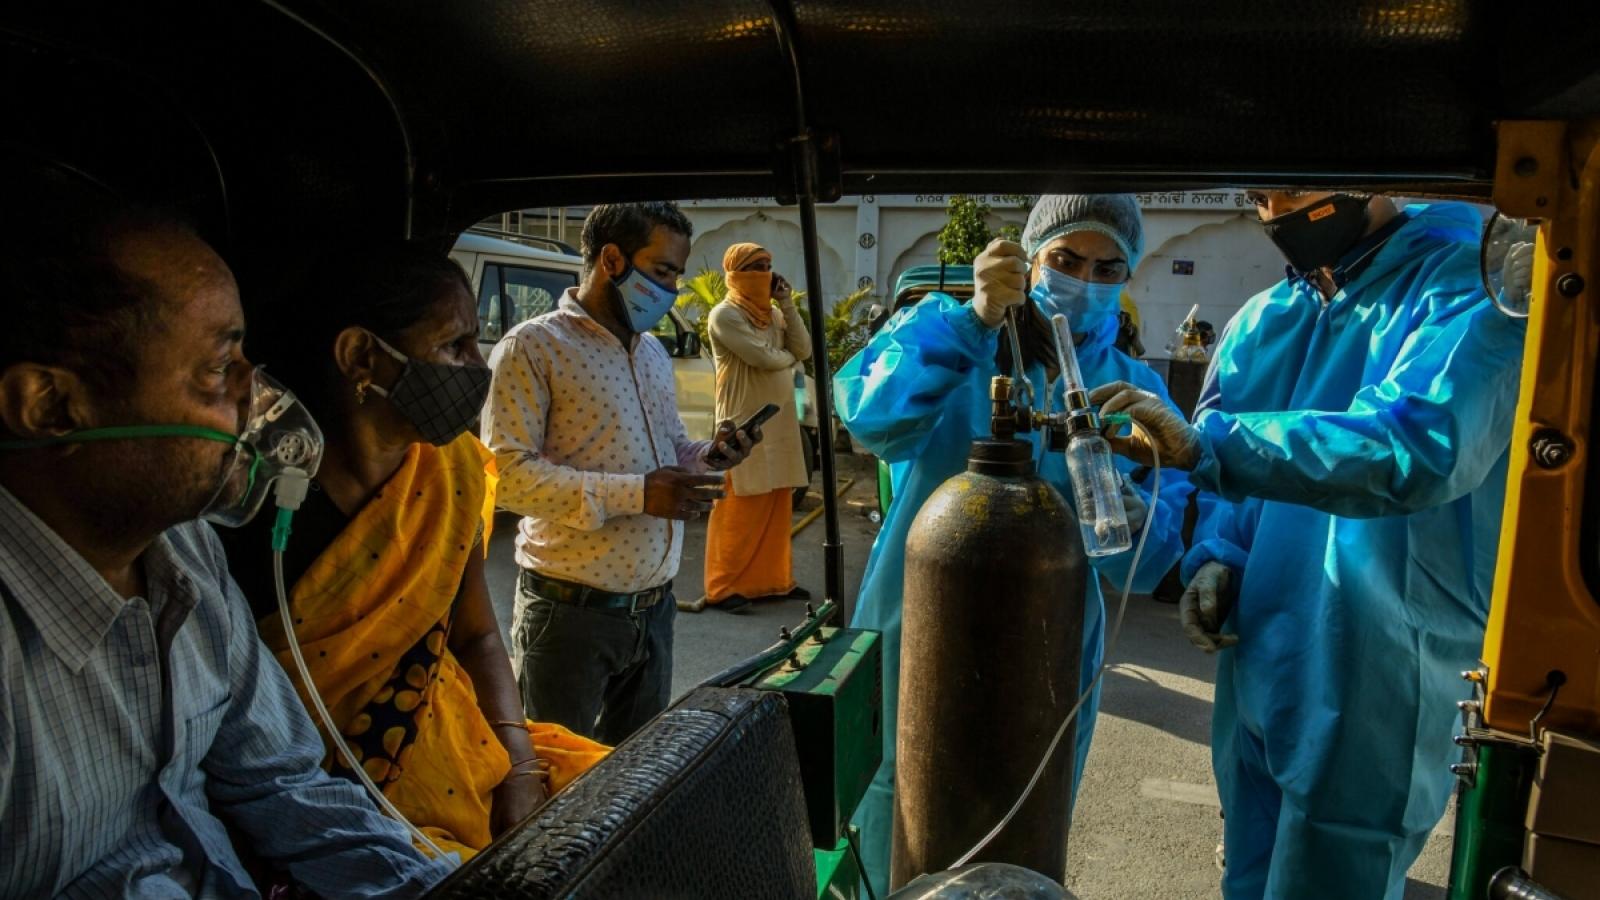 Biến chủng Covid-19 nguy hiểm ở Ấn Độ đã xuất hiện ở ít nhất 17 quốc gia